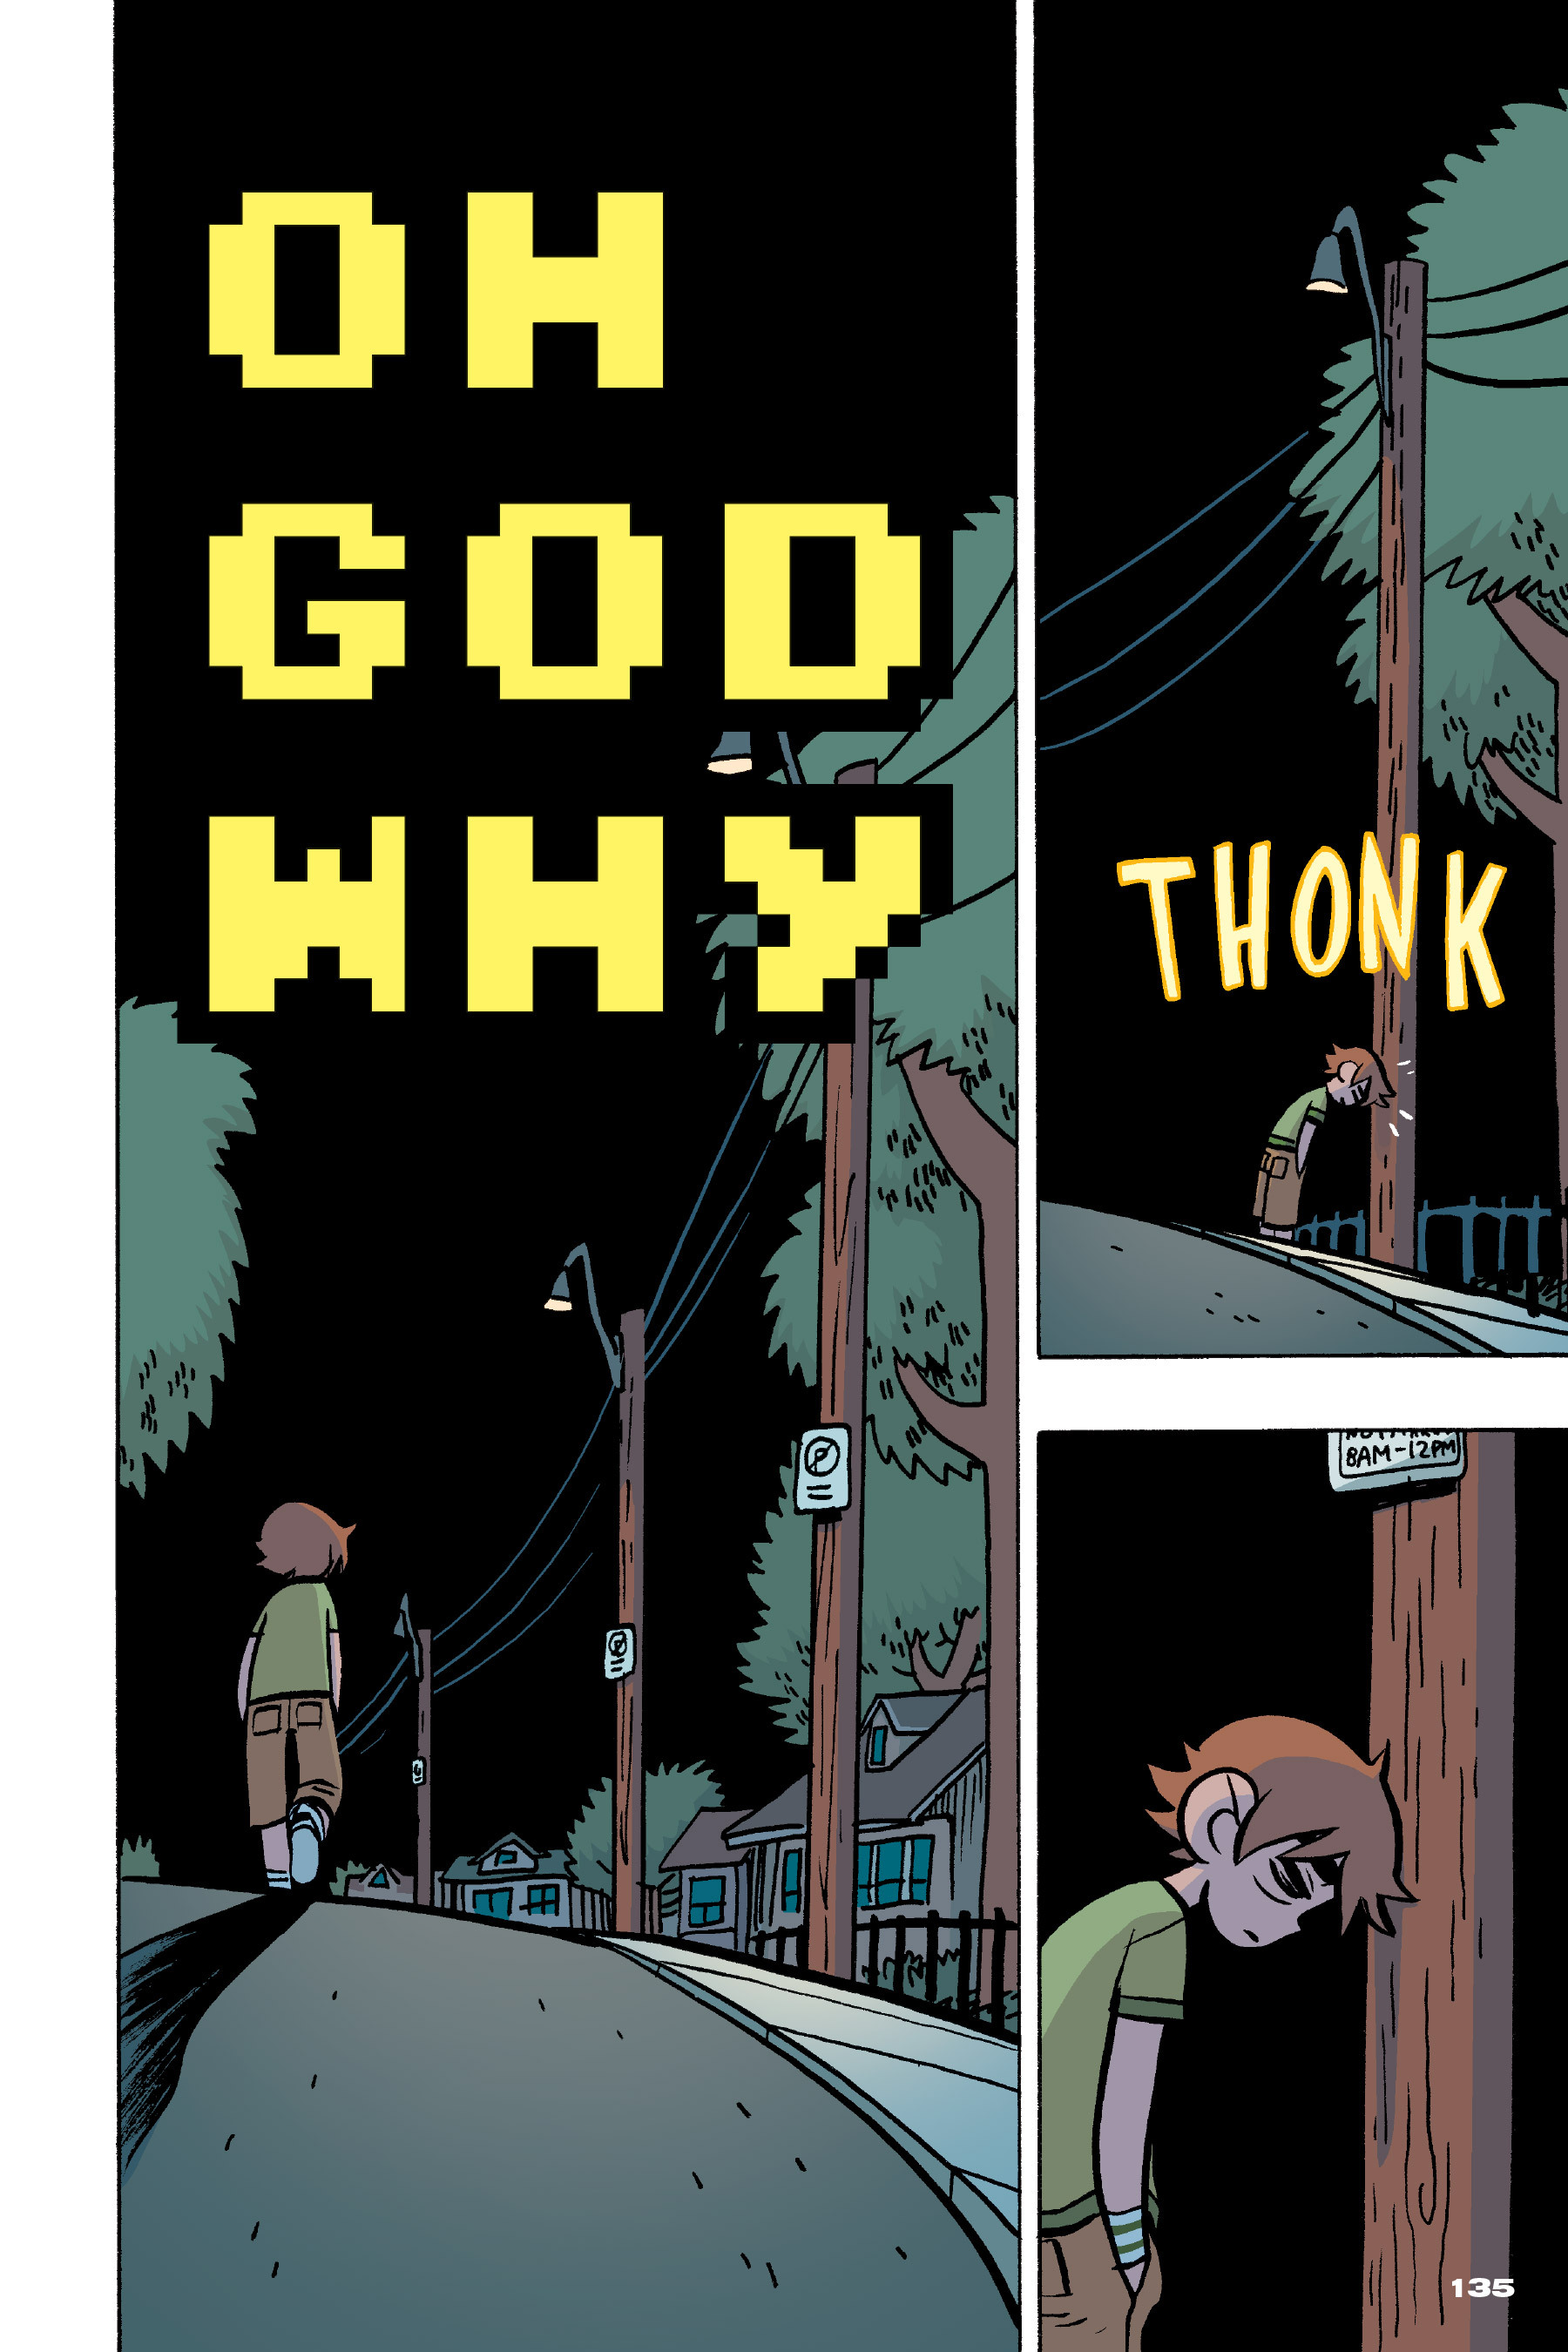 Read online Scott Pilgrim comic -  Issue #4 - 132